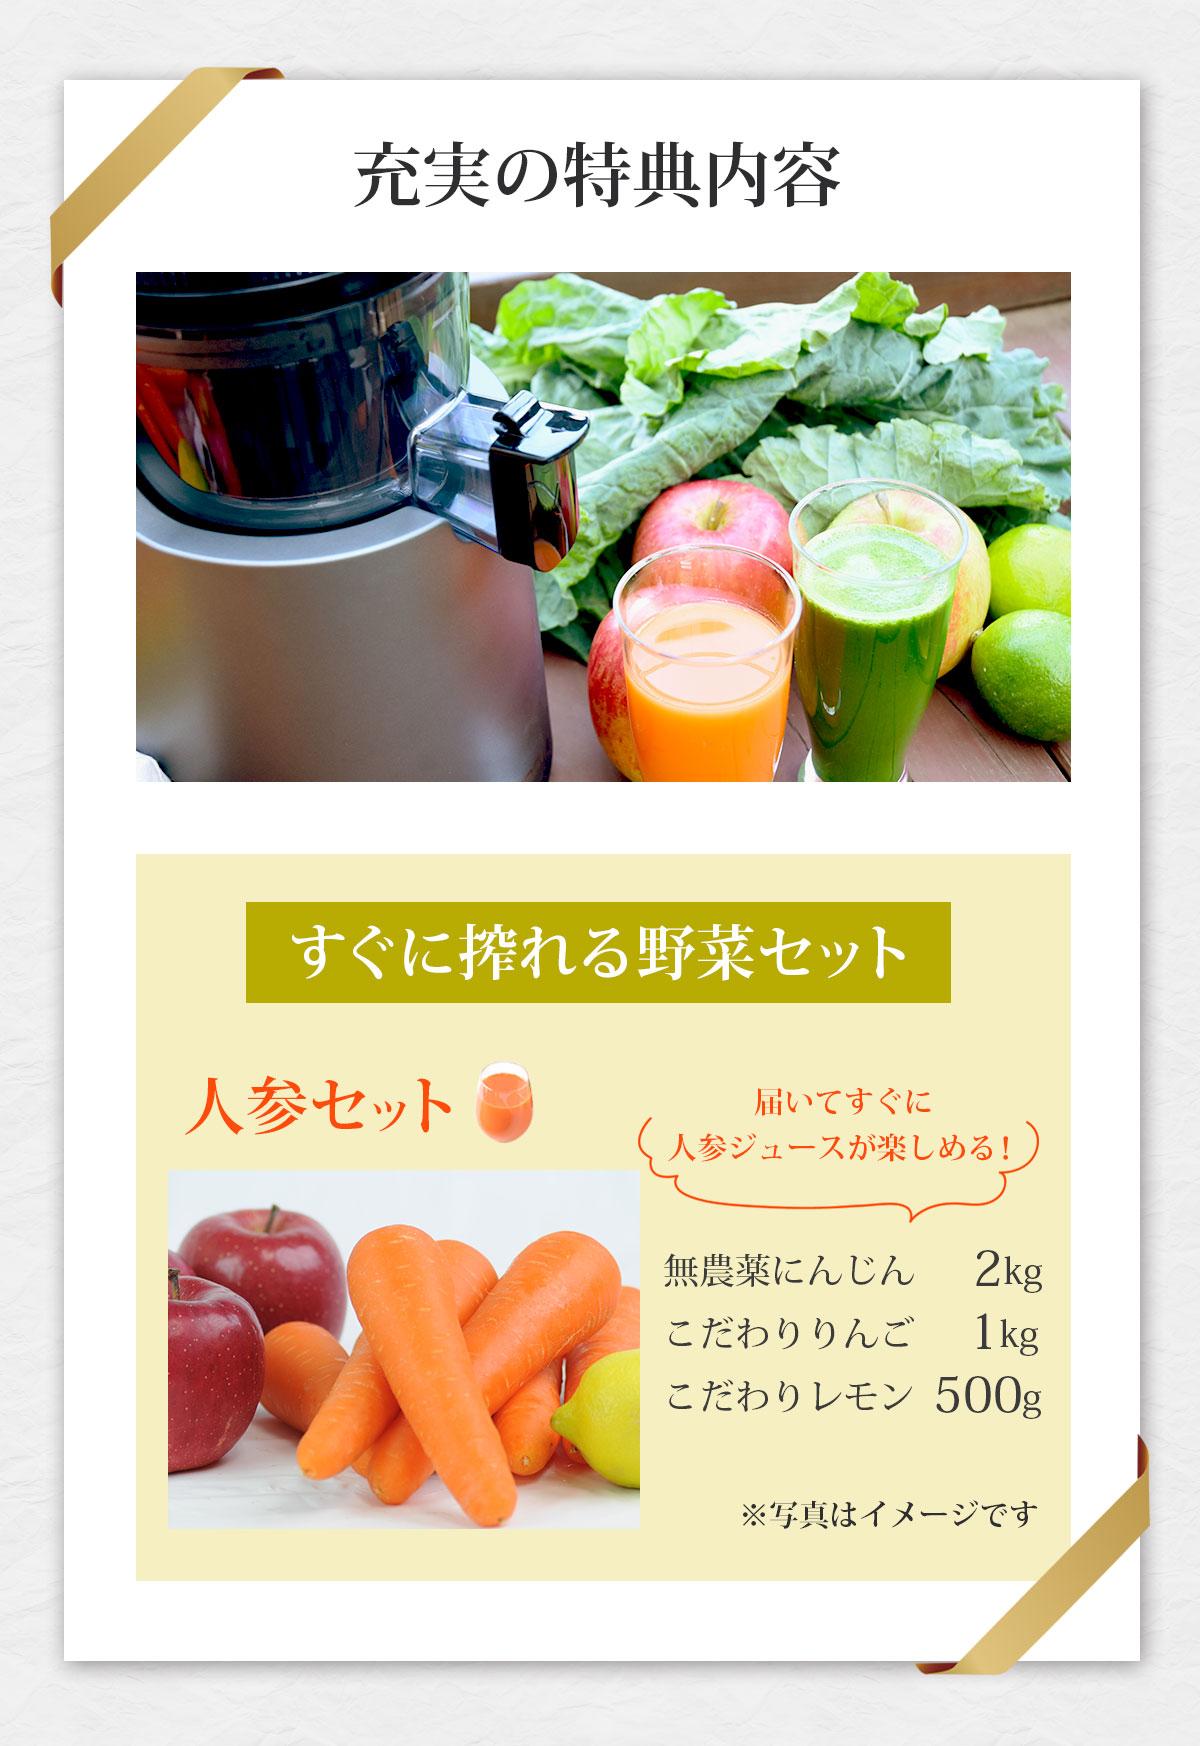 ピカイチ野菜くんなら野菜セットプレゼント